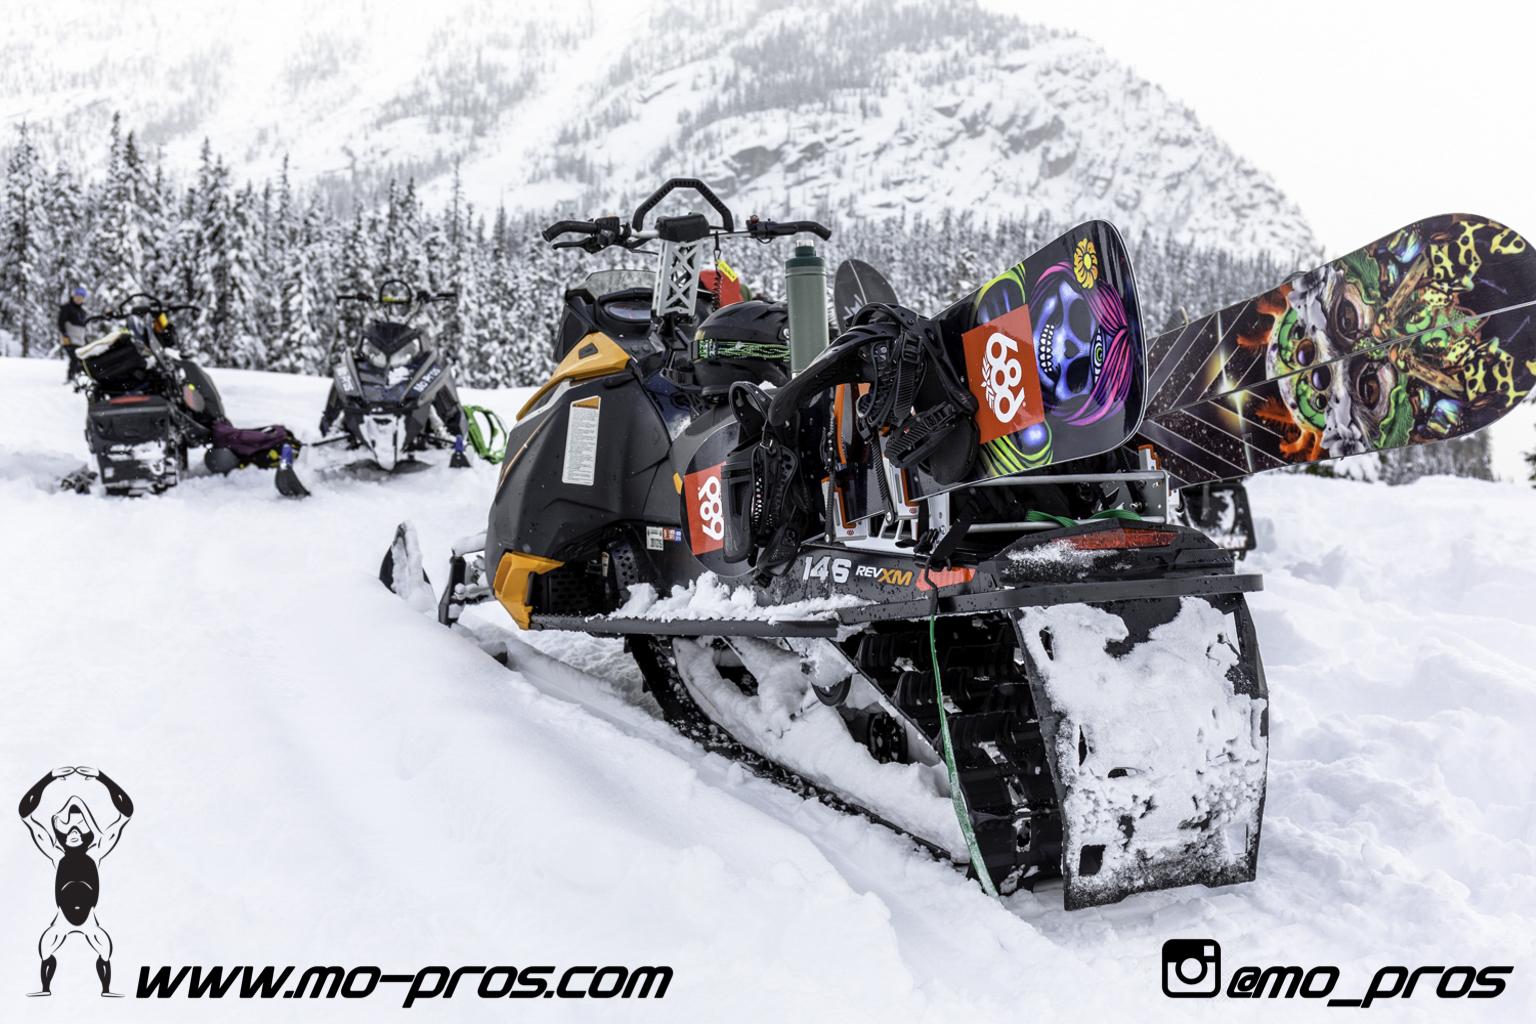 mo pros ski doo snowmobile snowboard